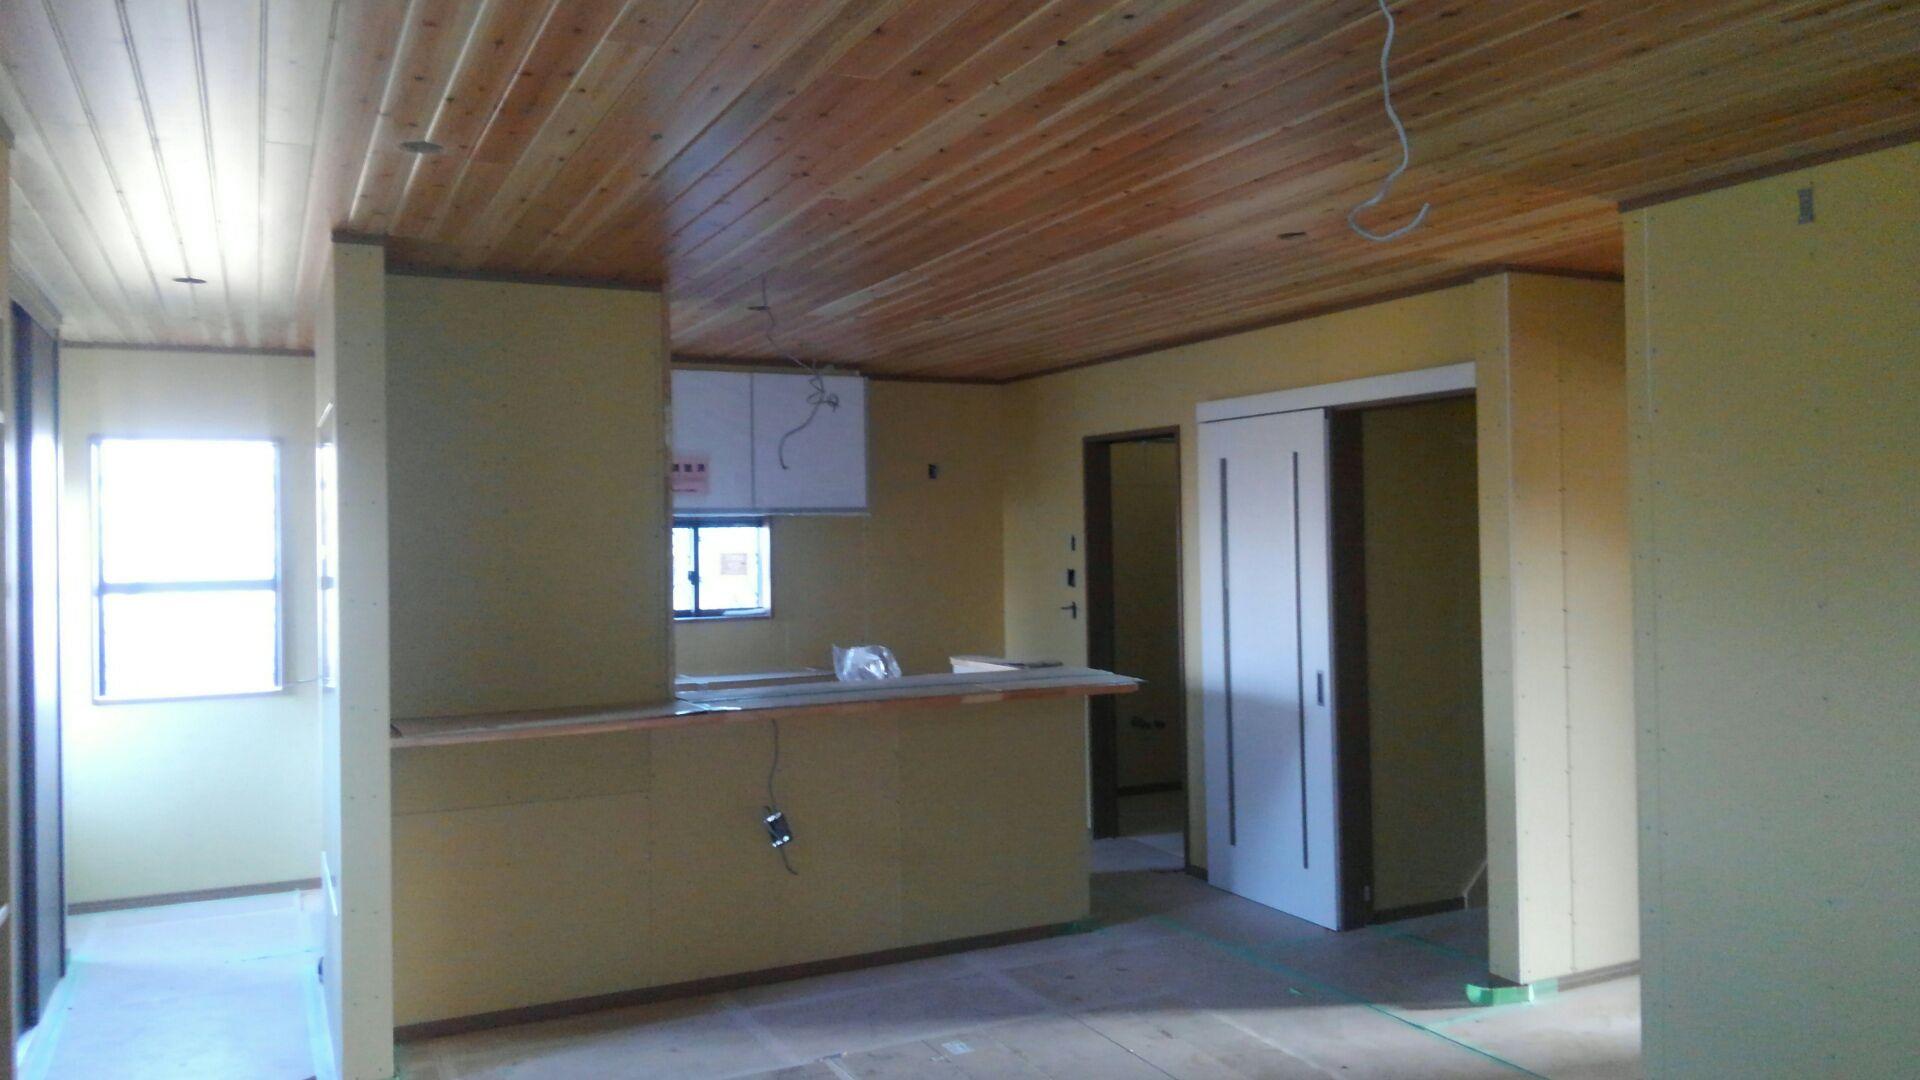 大工さんの木工事が終わりました。 リビングの天井、柳杉キレイですね。